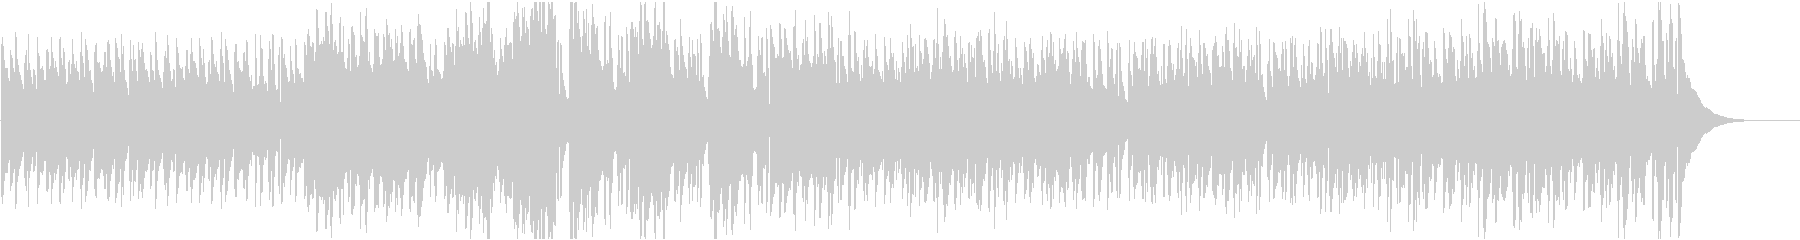 企業VP51 16bit48kHzVerの未再生の波形